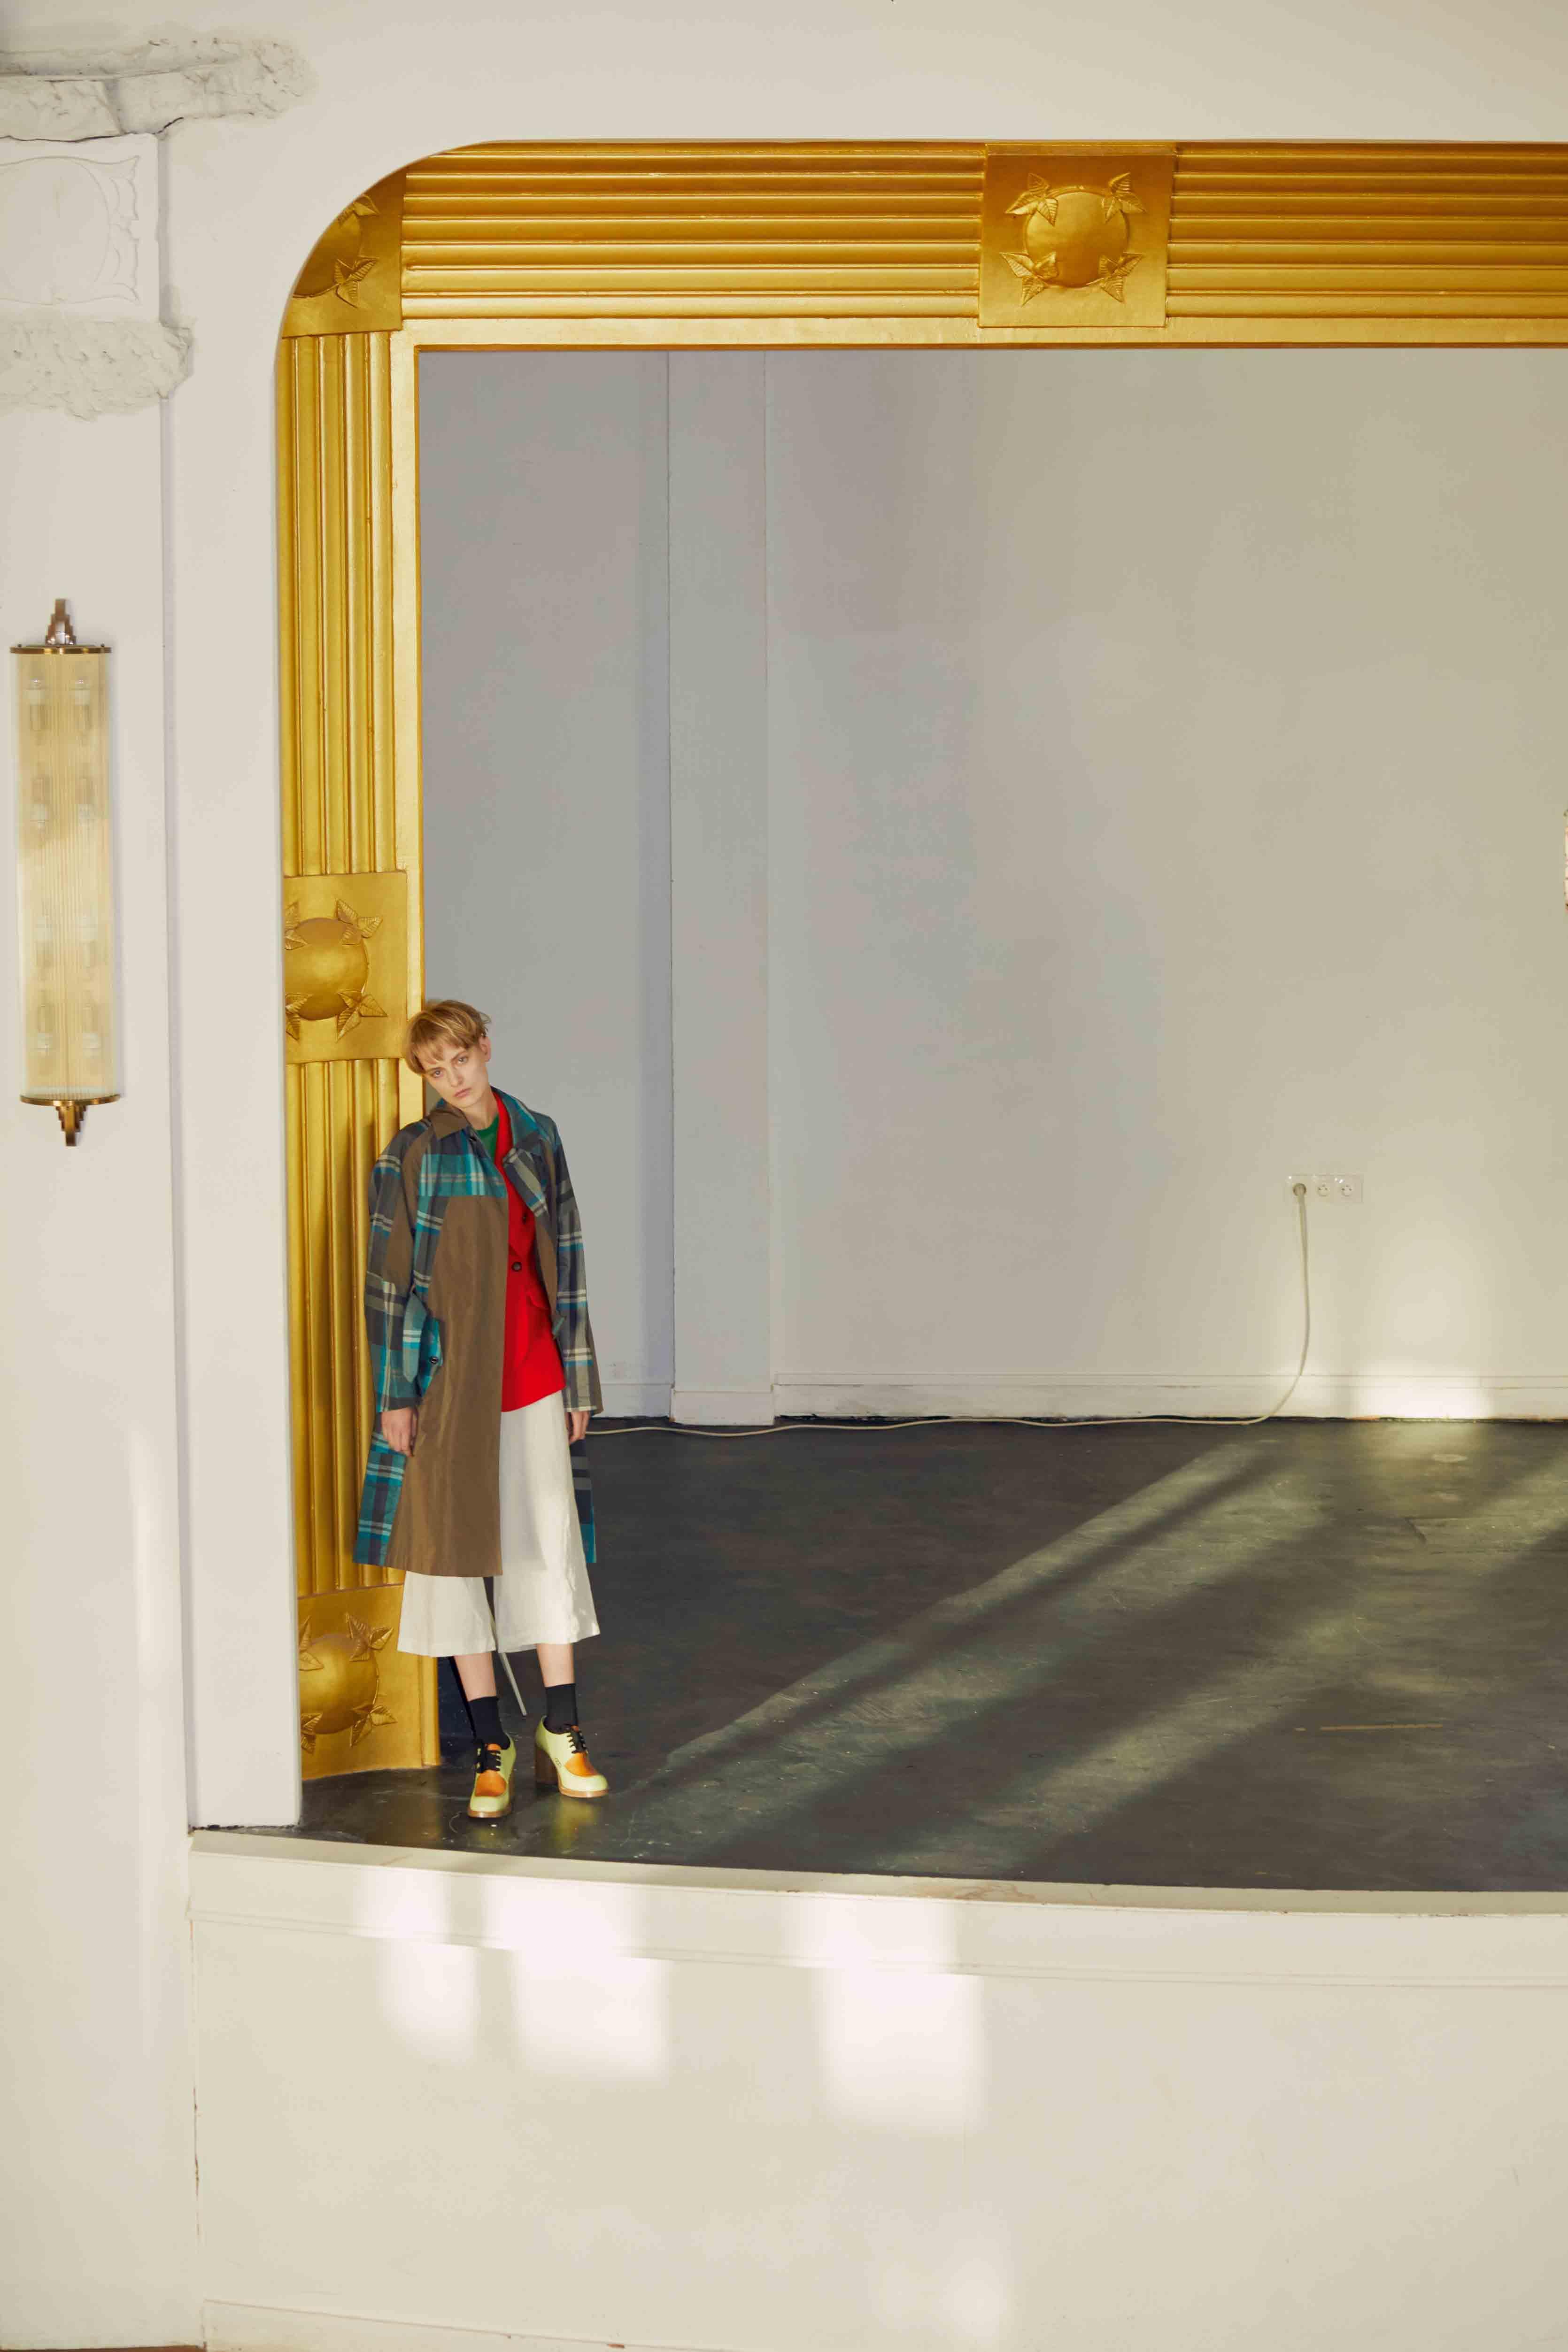 Trench, KOLOR. Veste en coton, ALTUZARRA. Pantalon en lin, 120% LINO. Chaussettes, FALKE. Chaussures, MARNI. Mannequin : Sunniva Vaatevik chez Viva Model Management. Coiffure : Olivier de Vriendt chez Artlist Paris. Maquillage : Satoko Watanabe chez Artlist Paris. Manucure : Laura Forget chez Artlist Paris. Assistant réalisation : Fernando Damasceno.